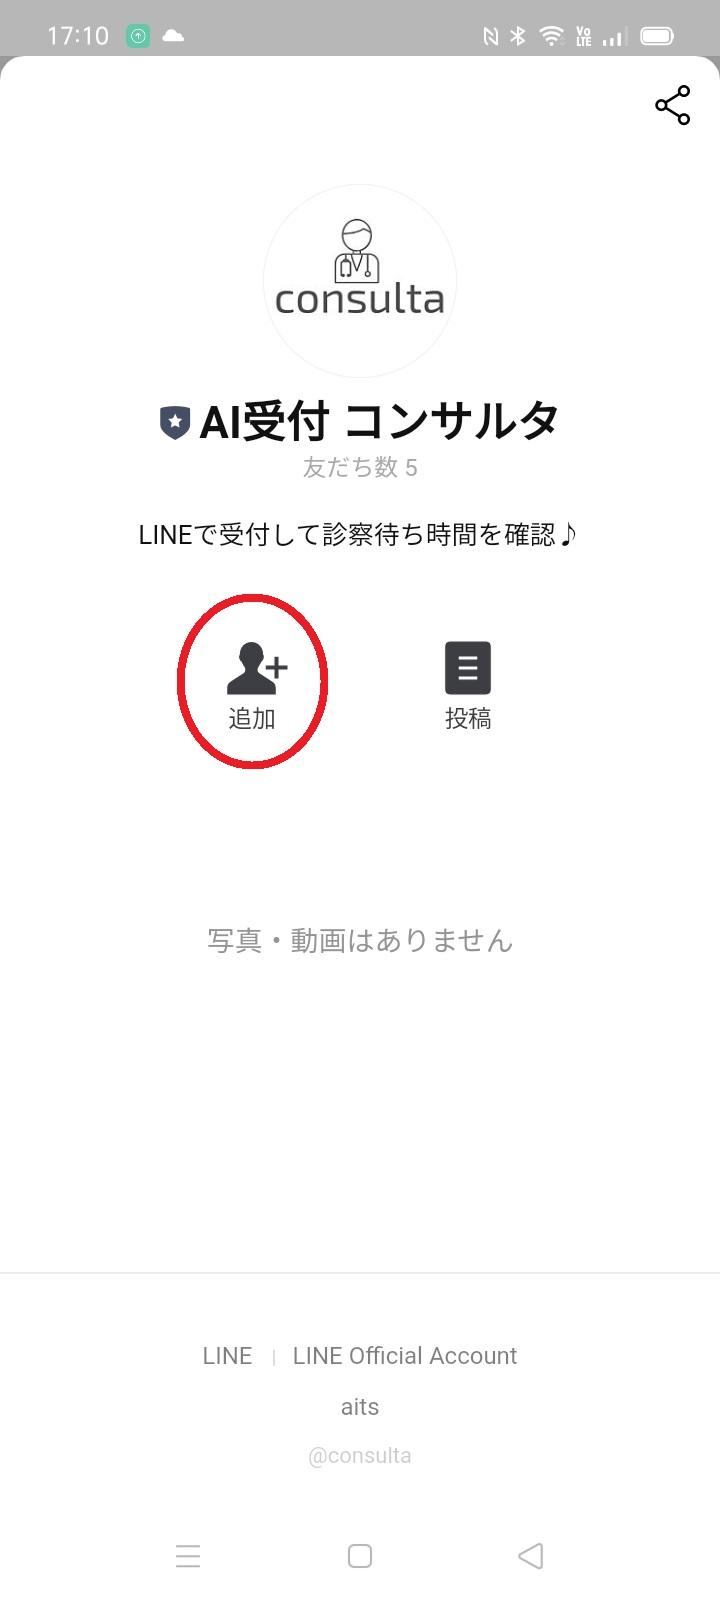 アカウント検索か登録1